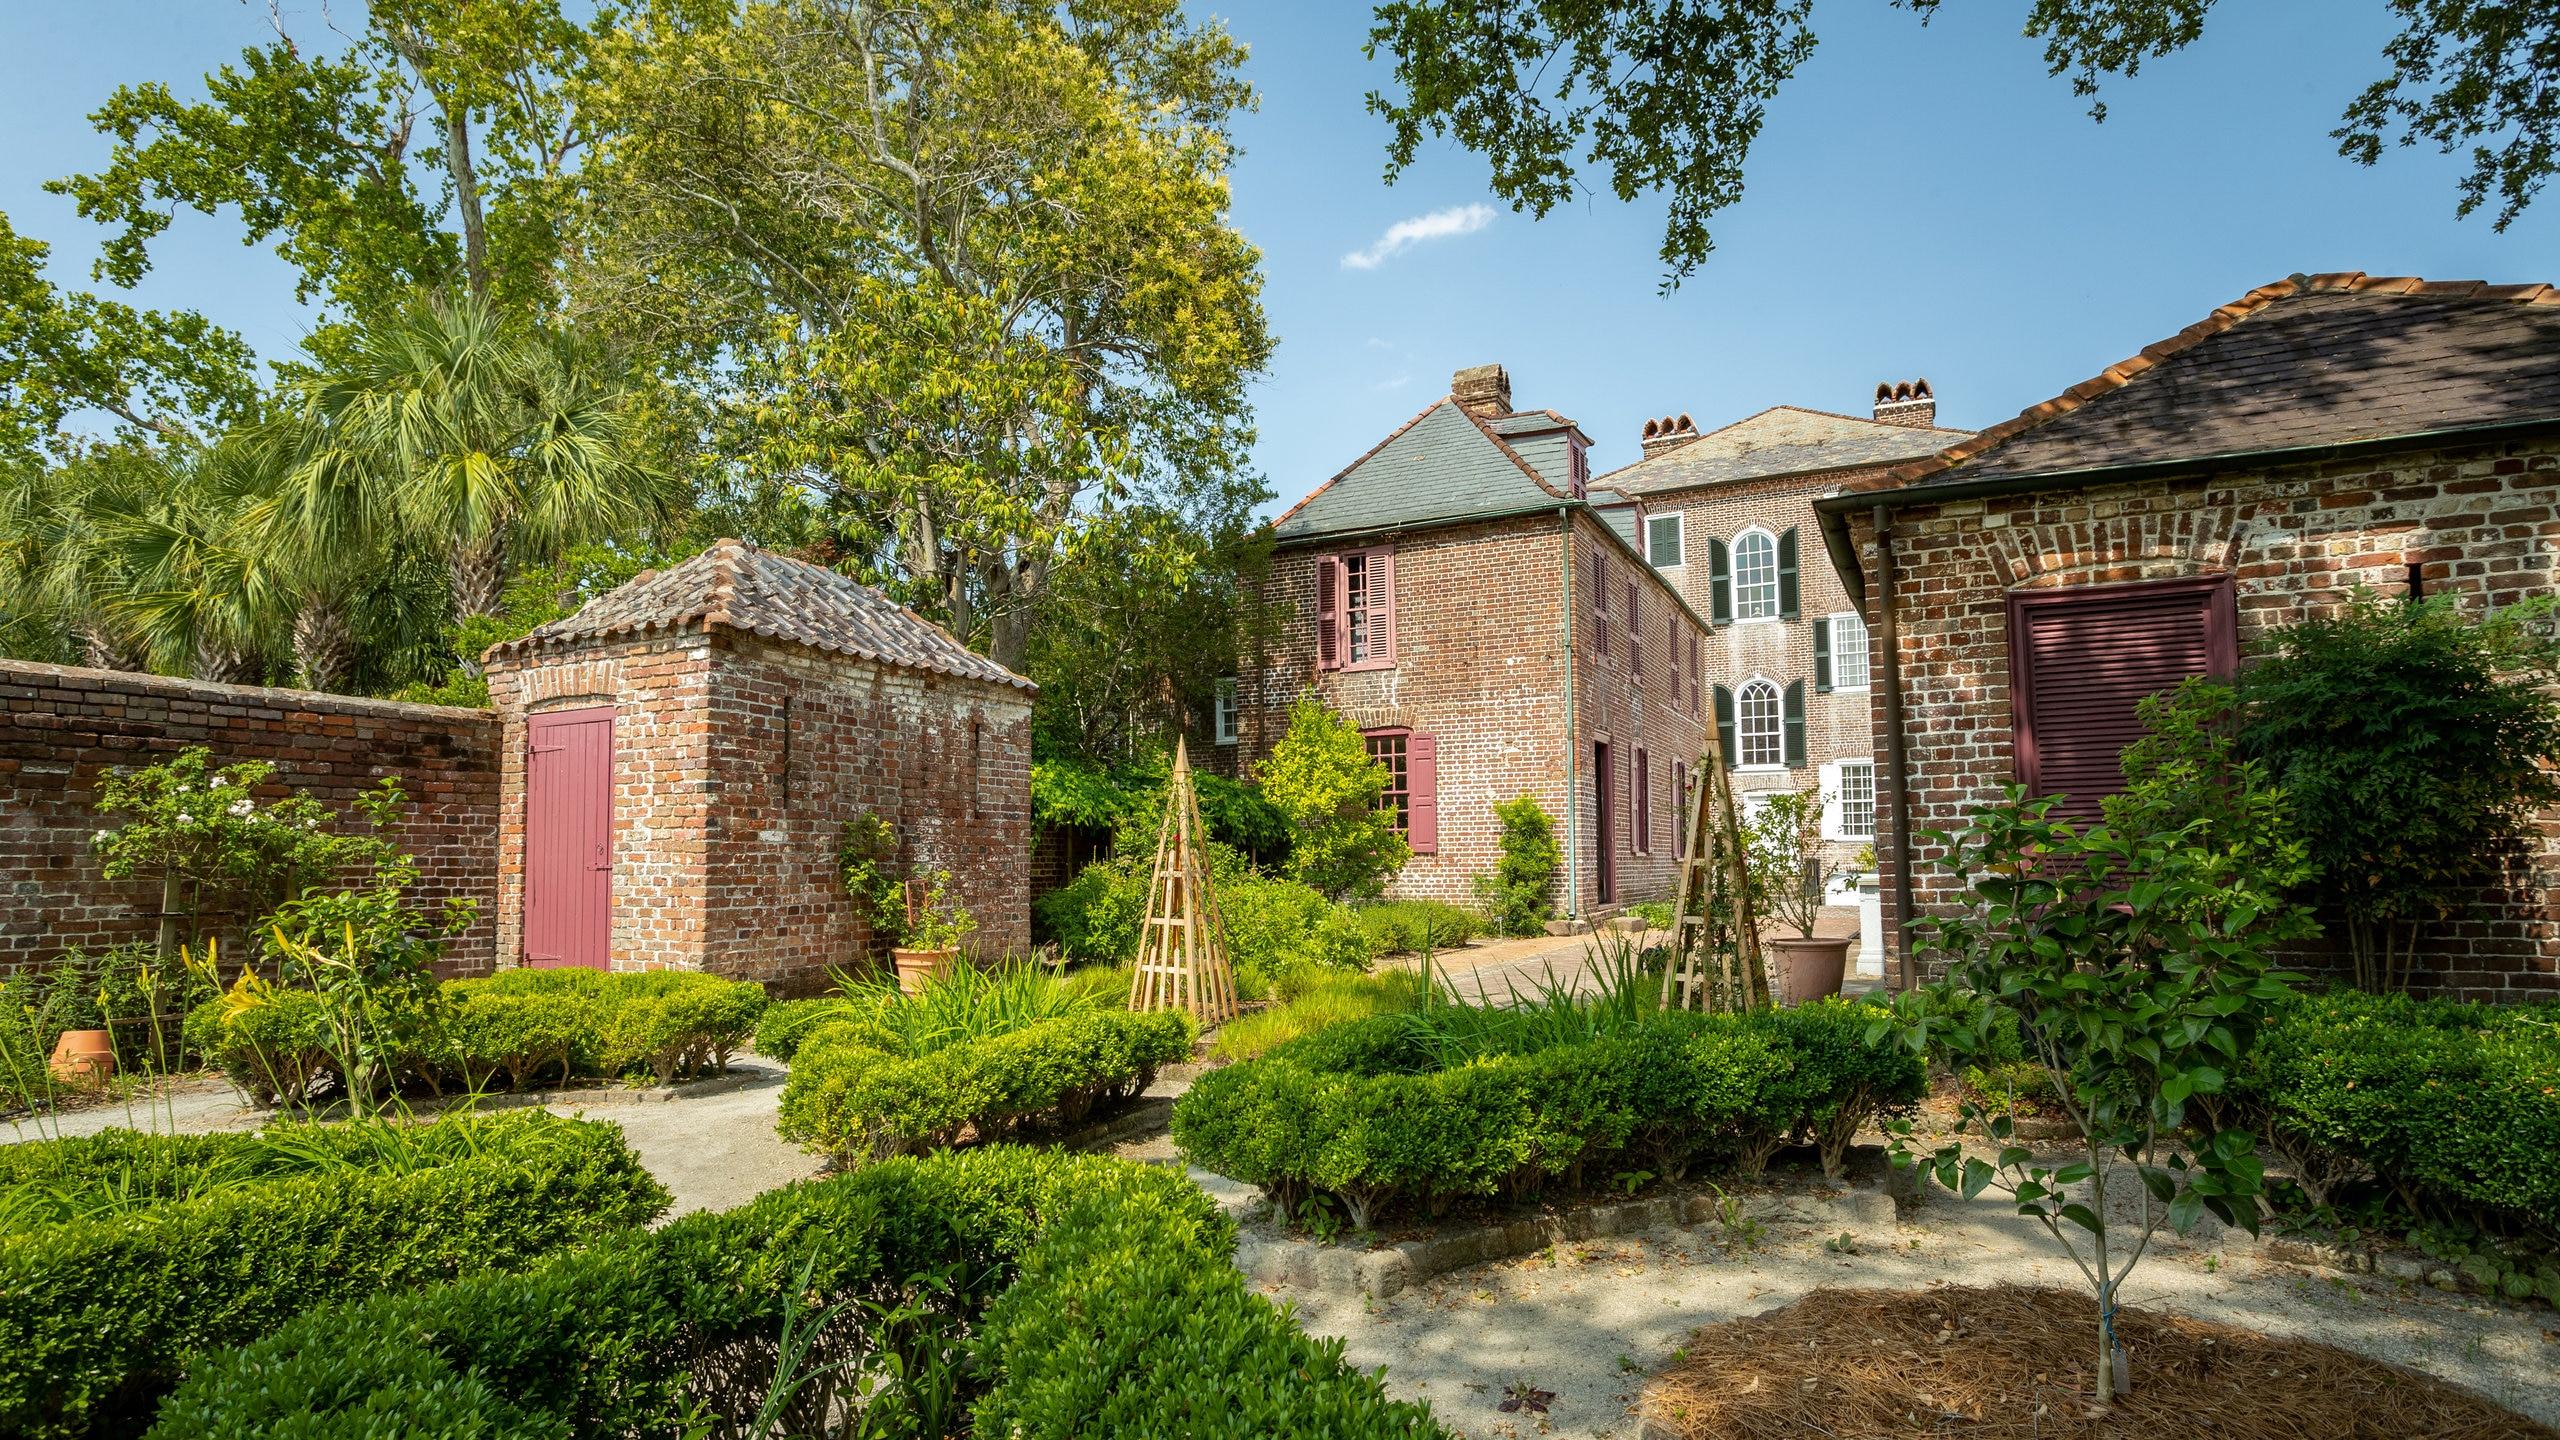 Heyward-Washington House, Charleston, South Carolina, United States of America